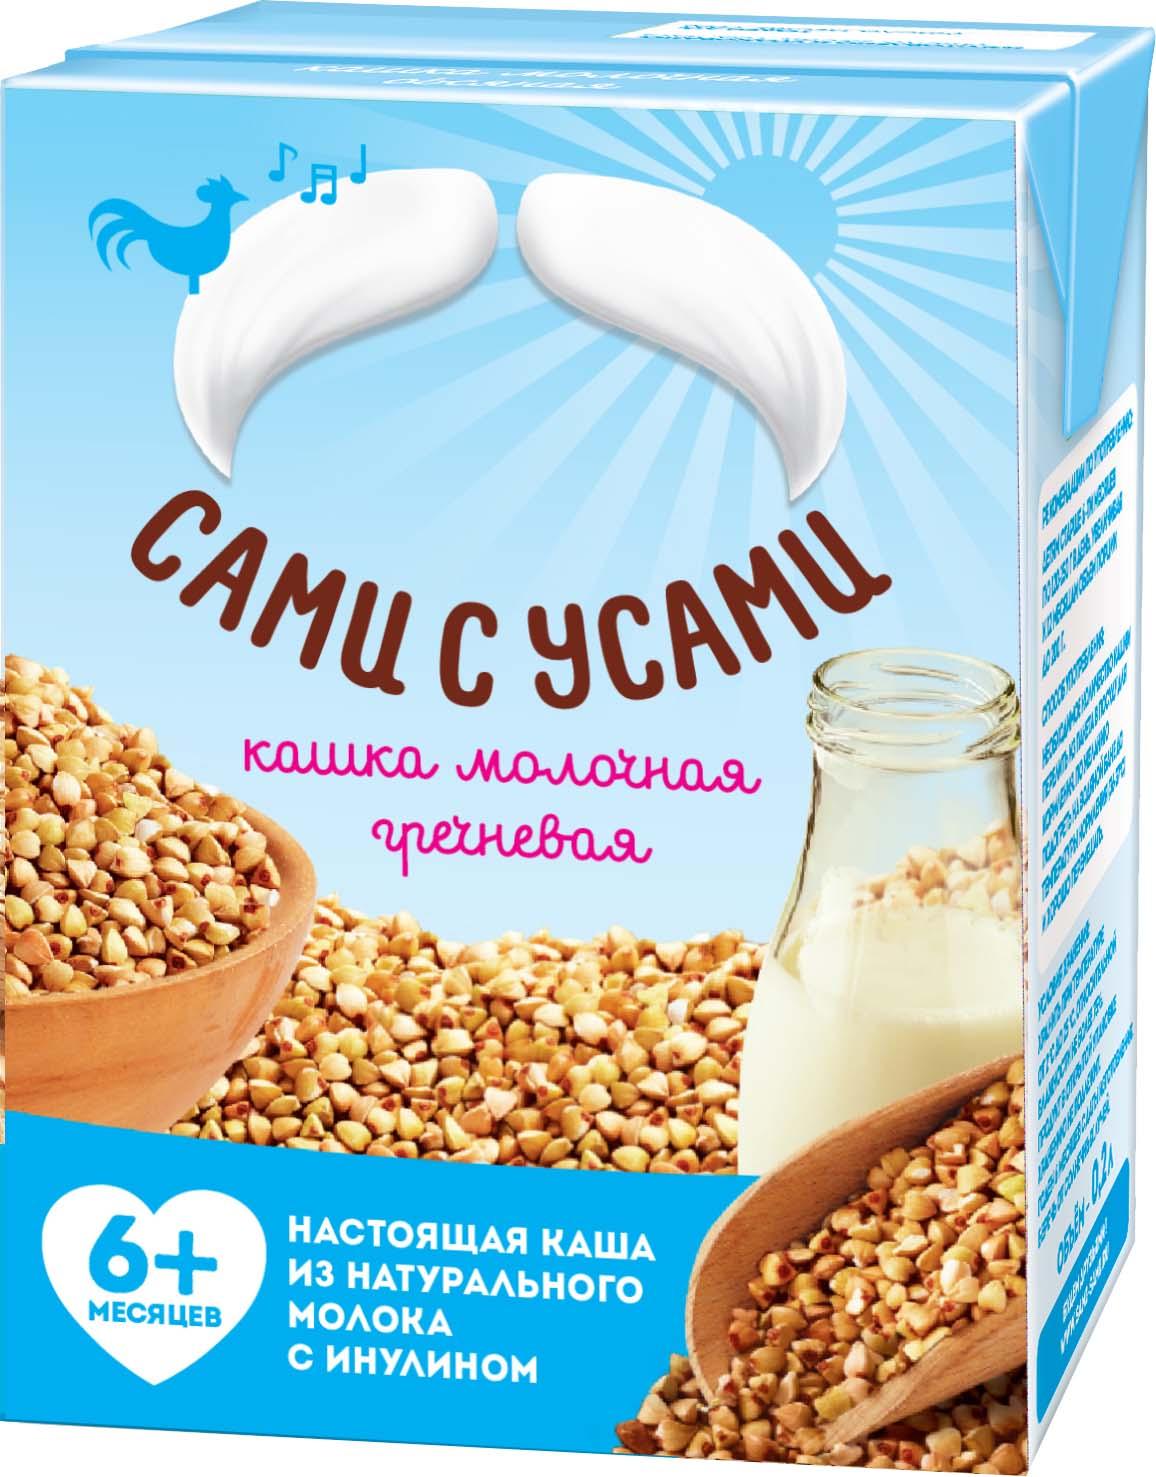 Каша САМИ С УСАМИ Сами с усами Молочная гречневая (с 6 месяцев) 200 мл каша готовая молочная сами с усами рисовая с 6 мес 200 мл